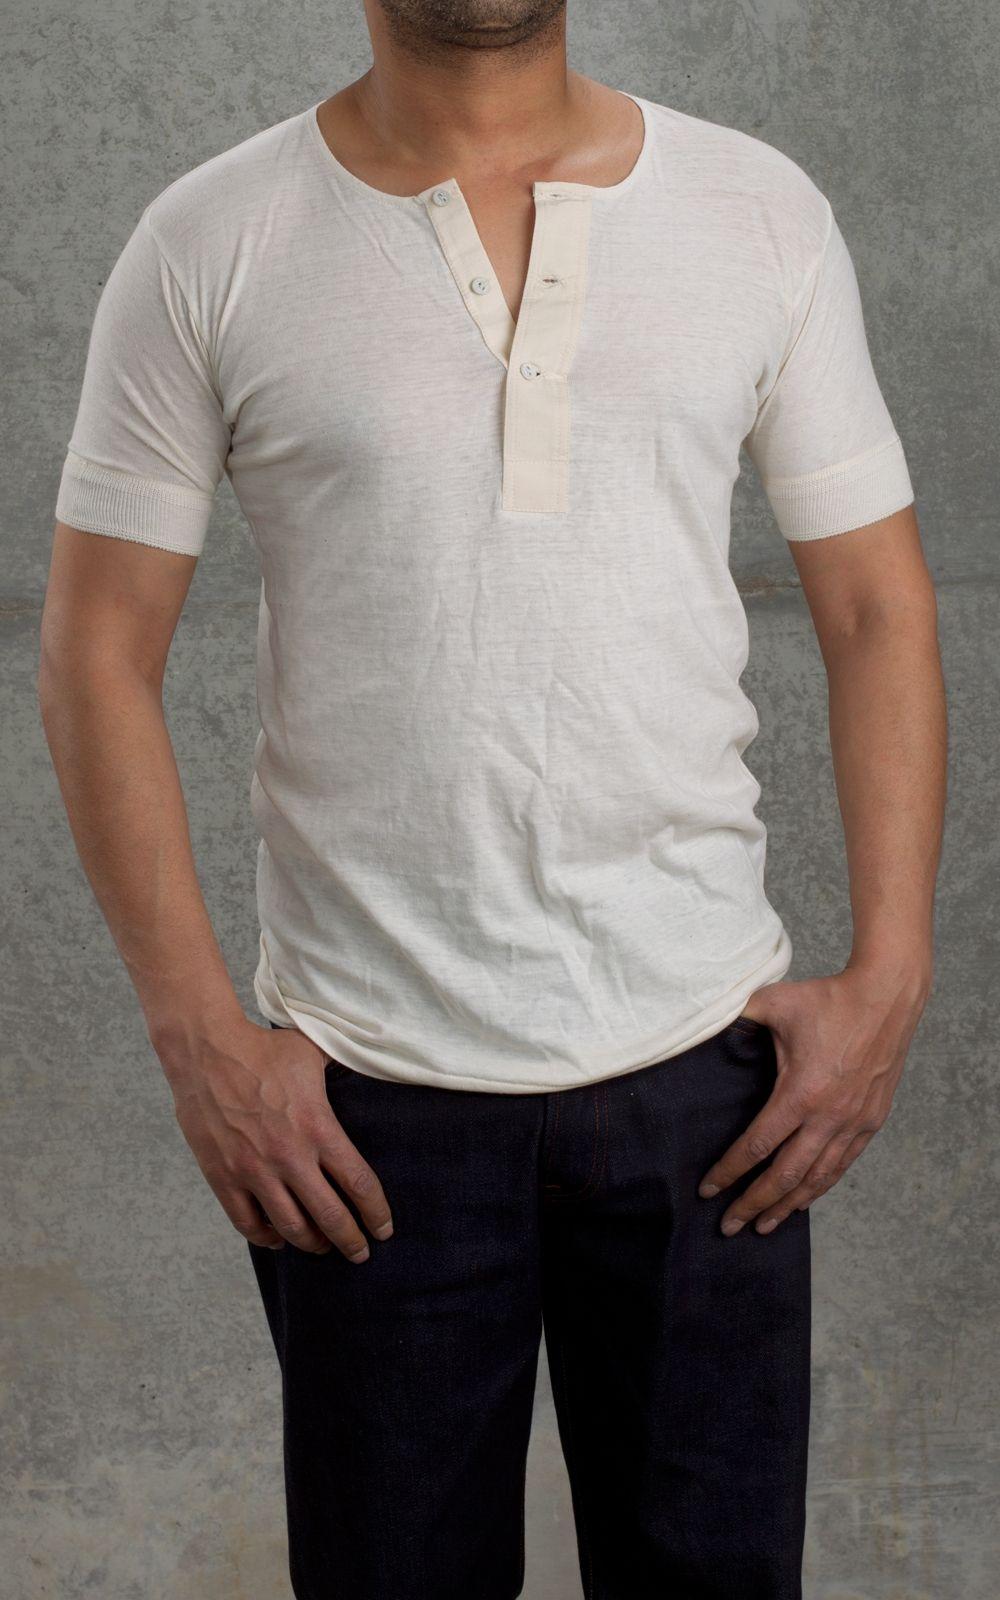 Merz B. Schwanen 103 1920s Worker Shirt 1/4 Nature